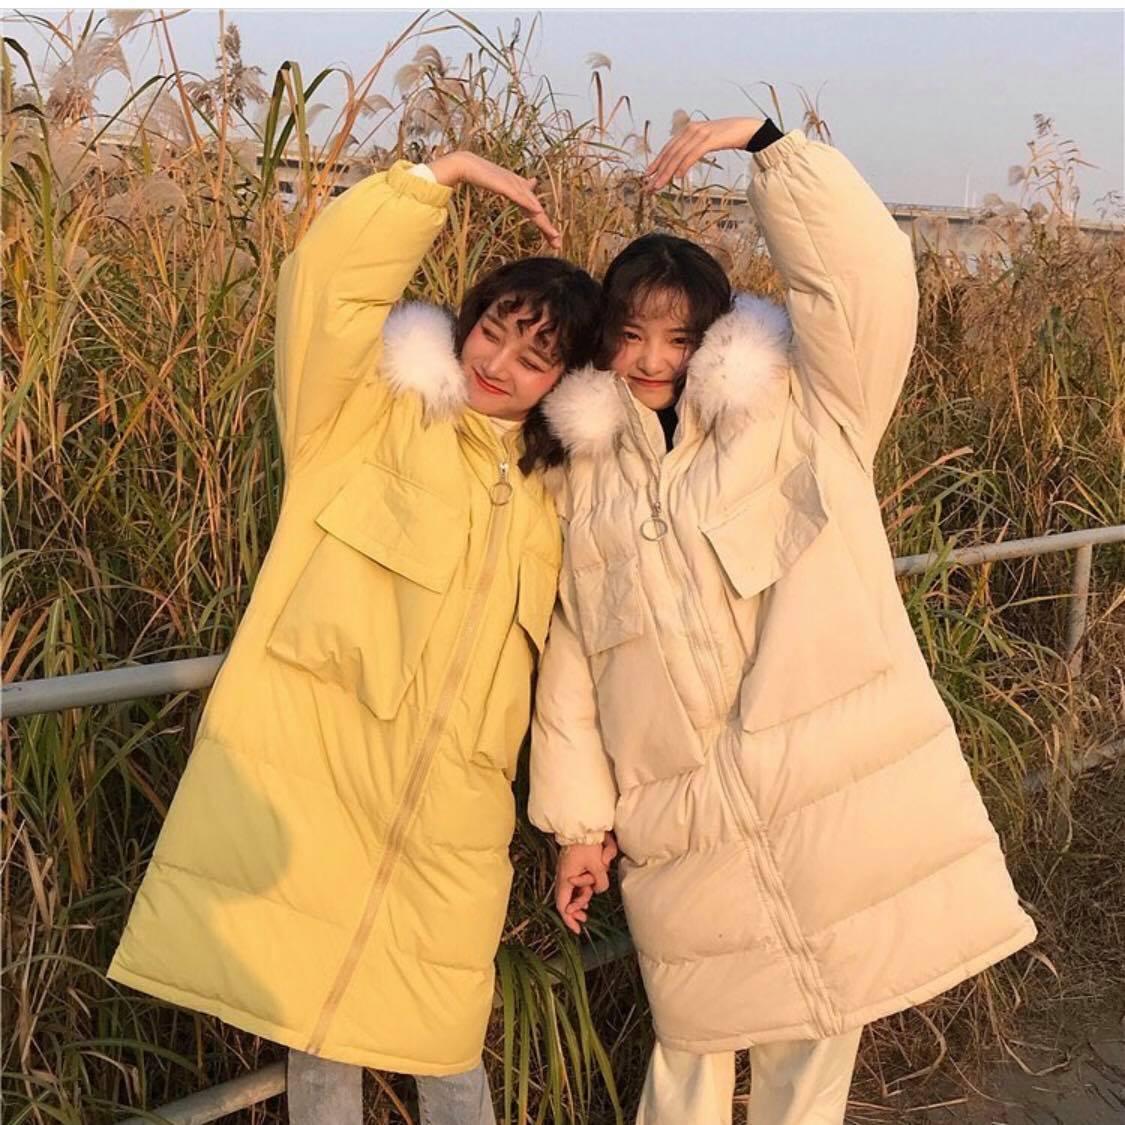 Mùa Đông không lạnh với áo khoác phong cách quấn chăn lăn ra đường - Hình 5